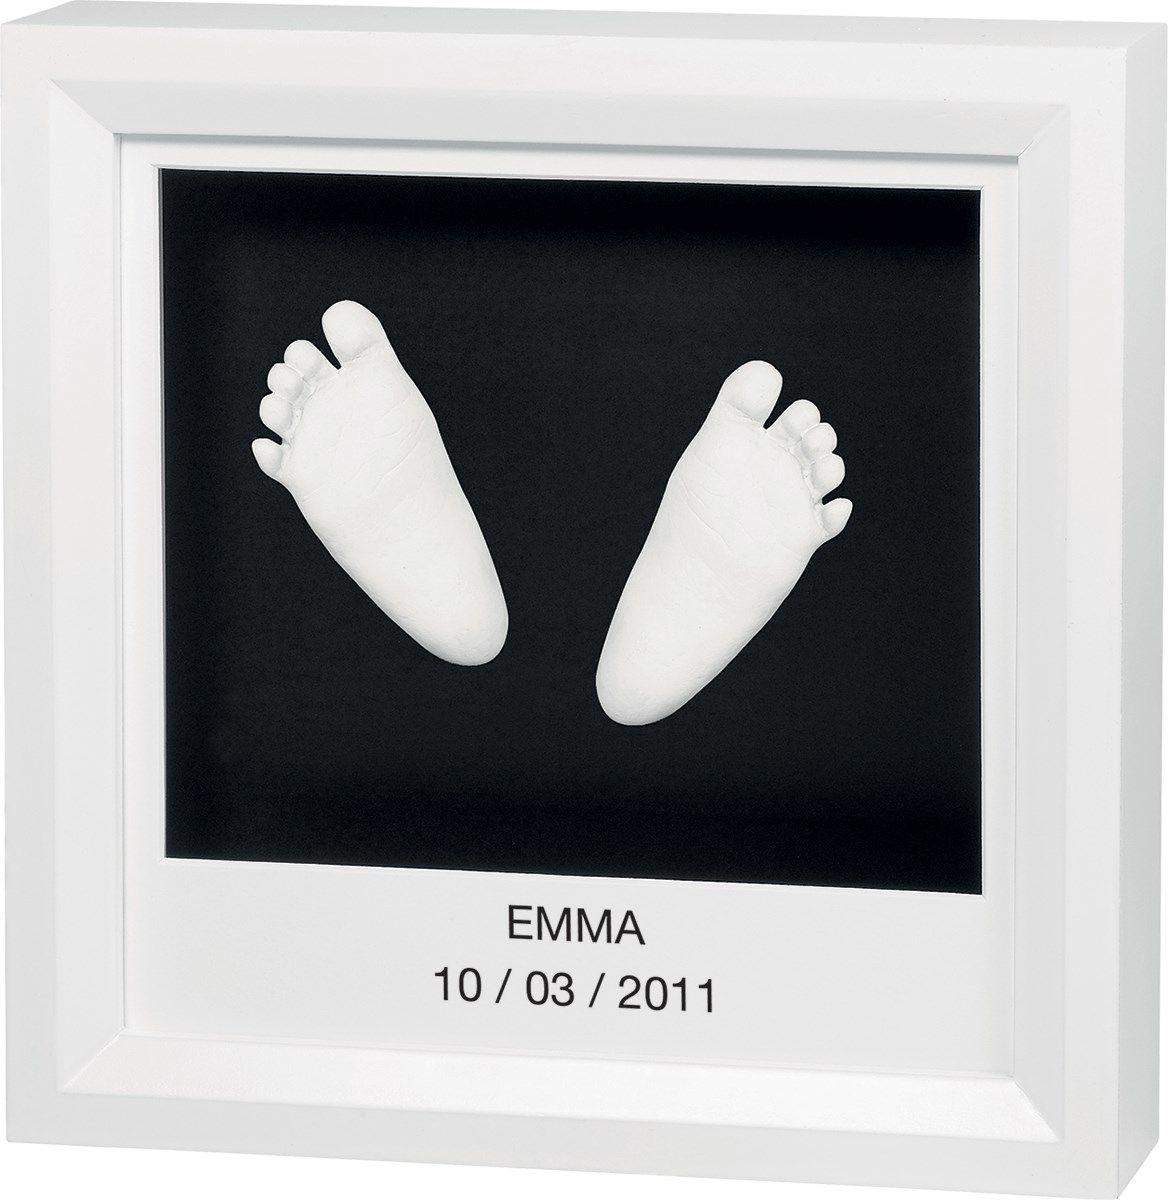 Рамка для оттисков Baby Art, цвет: белый34120078Рамка для оттисков Baby Art - уникальный подарок родителям, позволяющий сохранить фотографию, оттиск ладошки или ступни малыша на долгие годы. В комплект входят тройная деревянная рамка со стеклом, тесто для лепки, деревянный валик, палочка для помешивания, стикеры с буквами и цифрами и клейкая лента, а также поэтапная иллюстрированная инструкция на русском языке. Материал для создания оттисков безопасен, а технология изготовления очень проста. На ровной рабочей поверхности нужно раскатать тесто с помощью валика, удалив пузырьки воздуха. Затем сделать отпечатки ручки или ножки малыша. Вырезать прямоугольный кусок теста с оттиском необходимого размера. После того, как тесто затвердеет, оттиск можно приклеить в рамочку под стекло при помощи двустороннего скотча. Продукт протестирован дерматологами. Поэтапная иллюстрированная инструкция на русском языке не позволит вам ошибиться. Создайте своими руками чудесный сувенир на память о важных моментах в жизни...